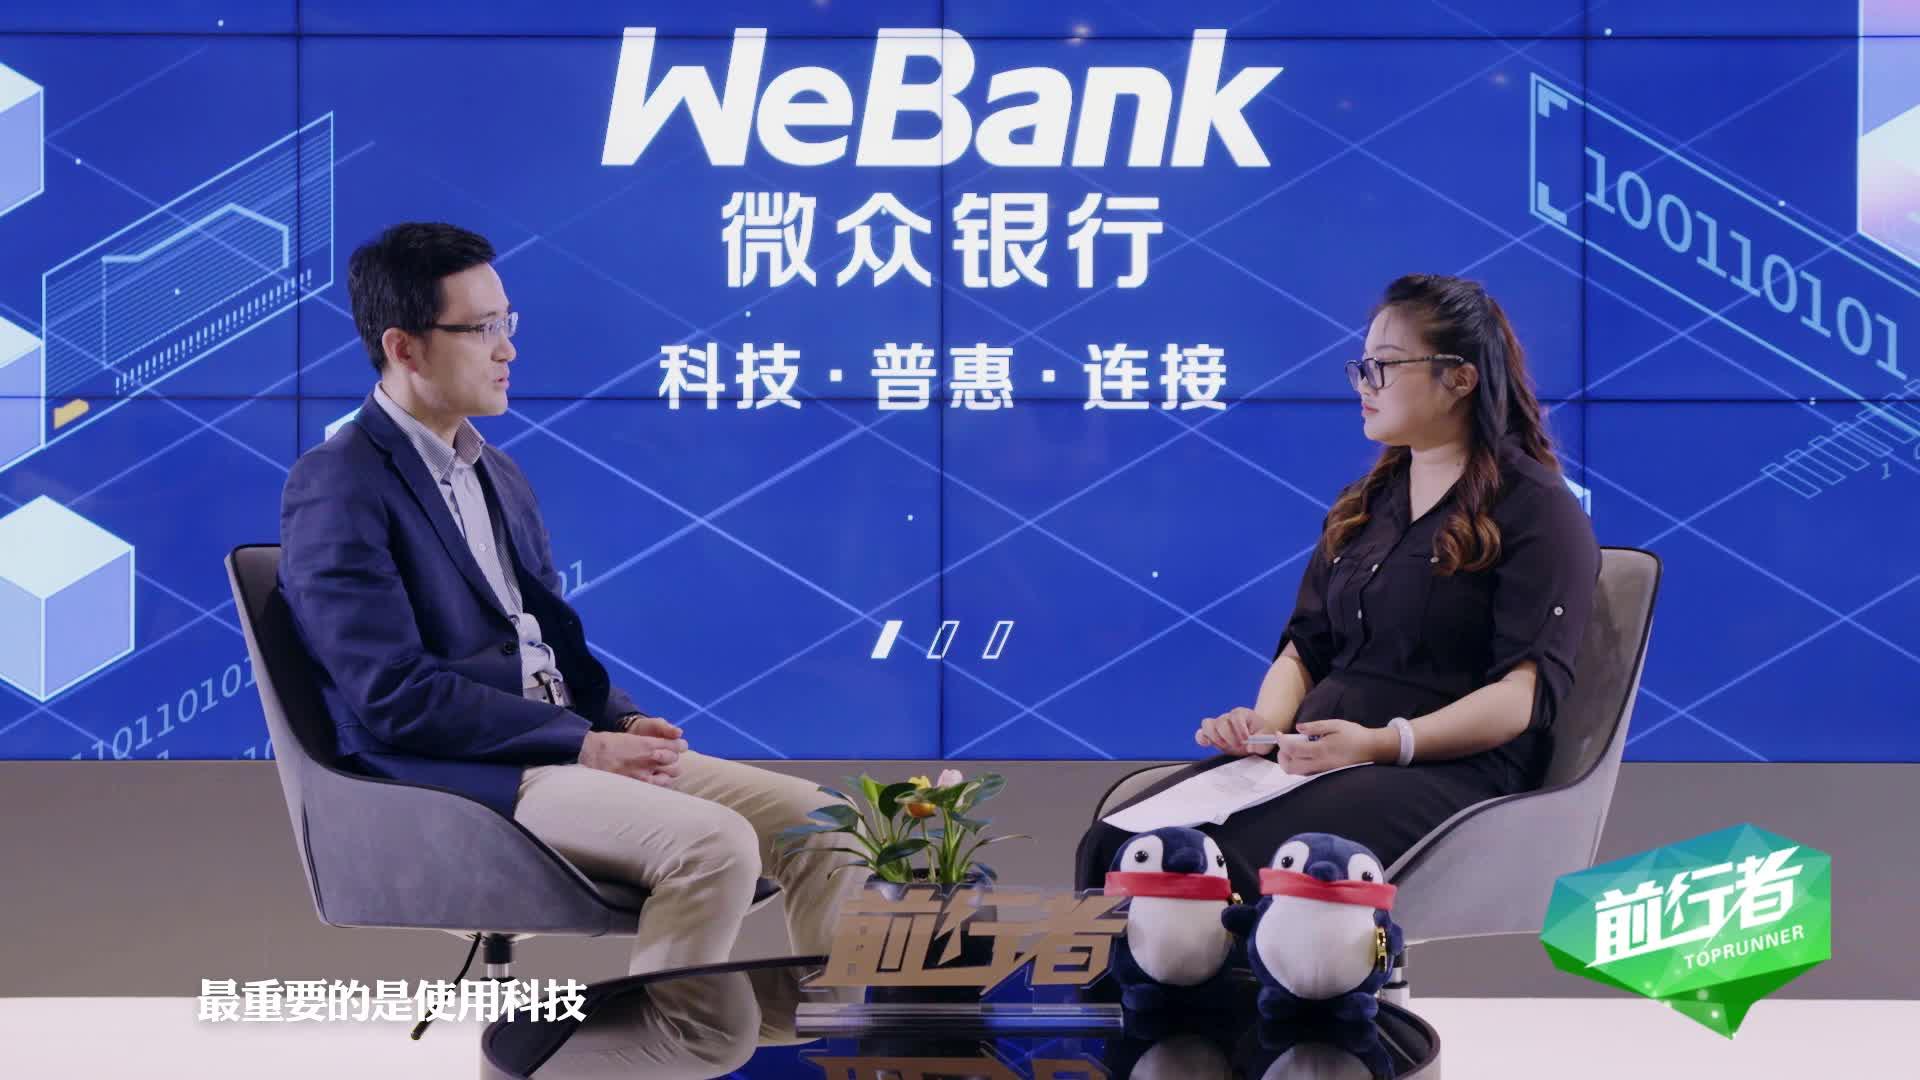 微众银行:微众企业+解决中小企业金融、非金融的多元需求